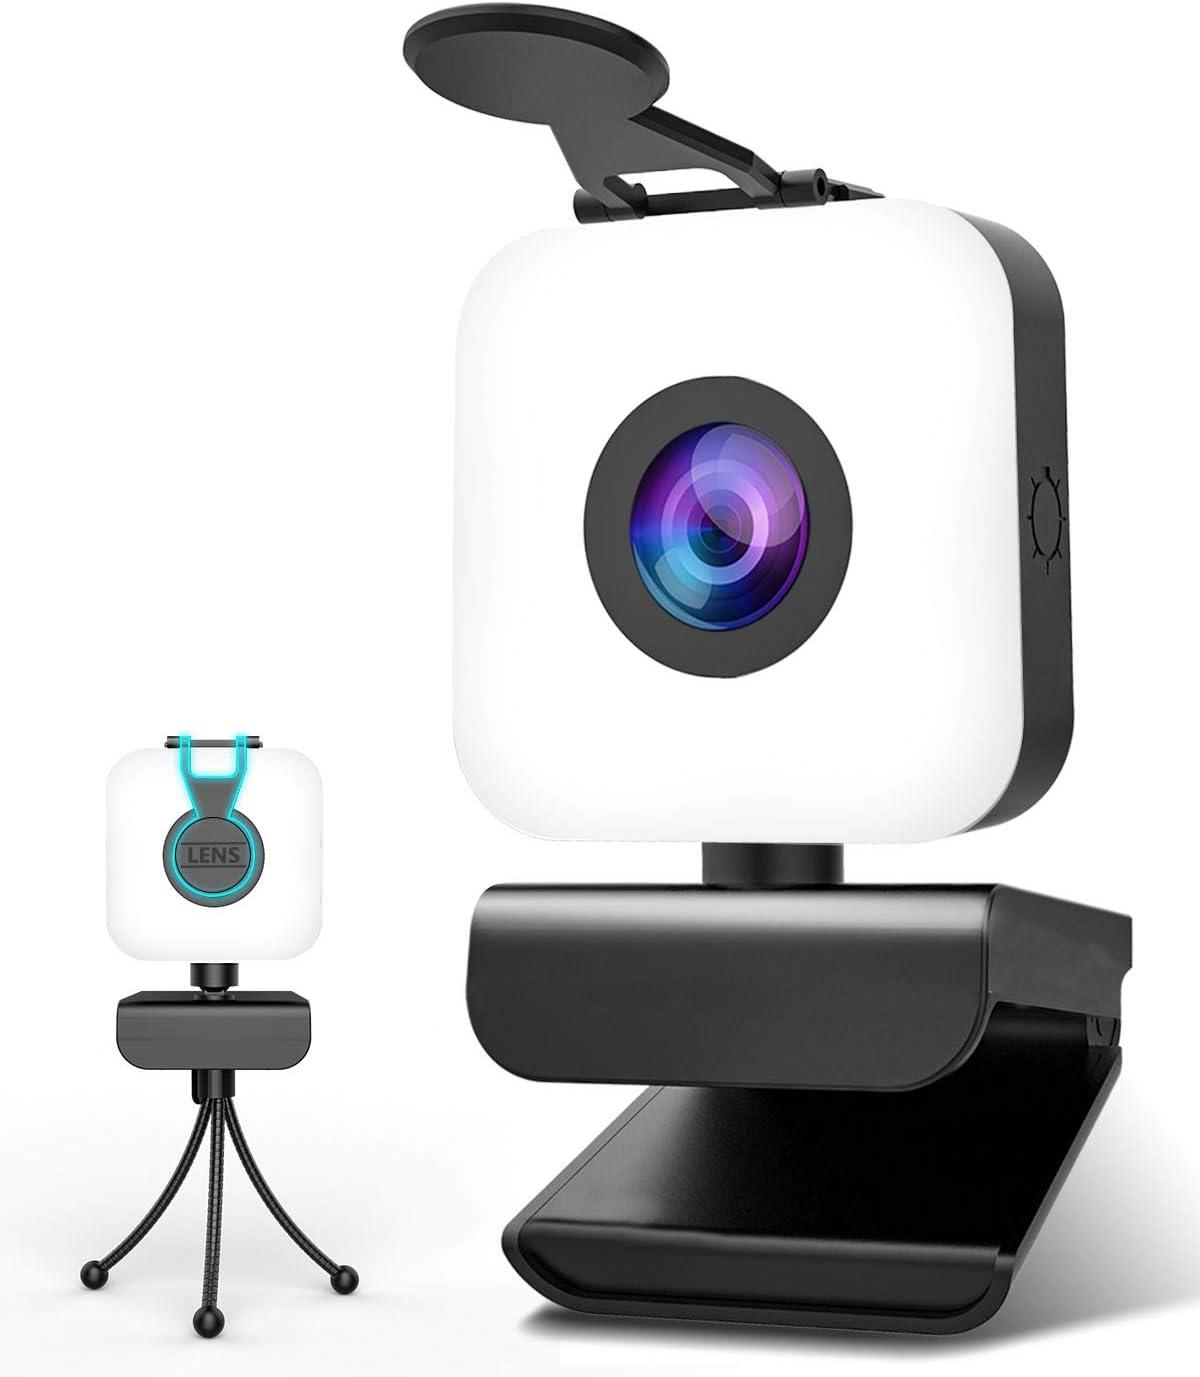 MHDYT Webcam PC con Microfono y Aro de Luz, Camara Web 1080p con Tapa y Tripode para Ordenador/Portatil/Mac, Web CAM para Youtube, Skype, Zoom, Xbox One, Videoconferencia y Videollamadas